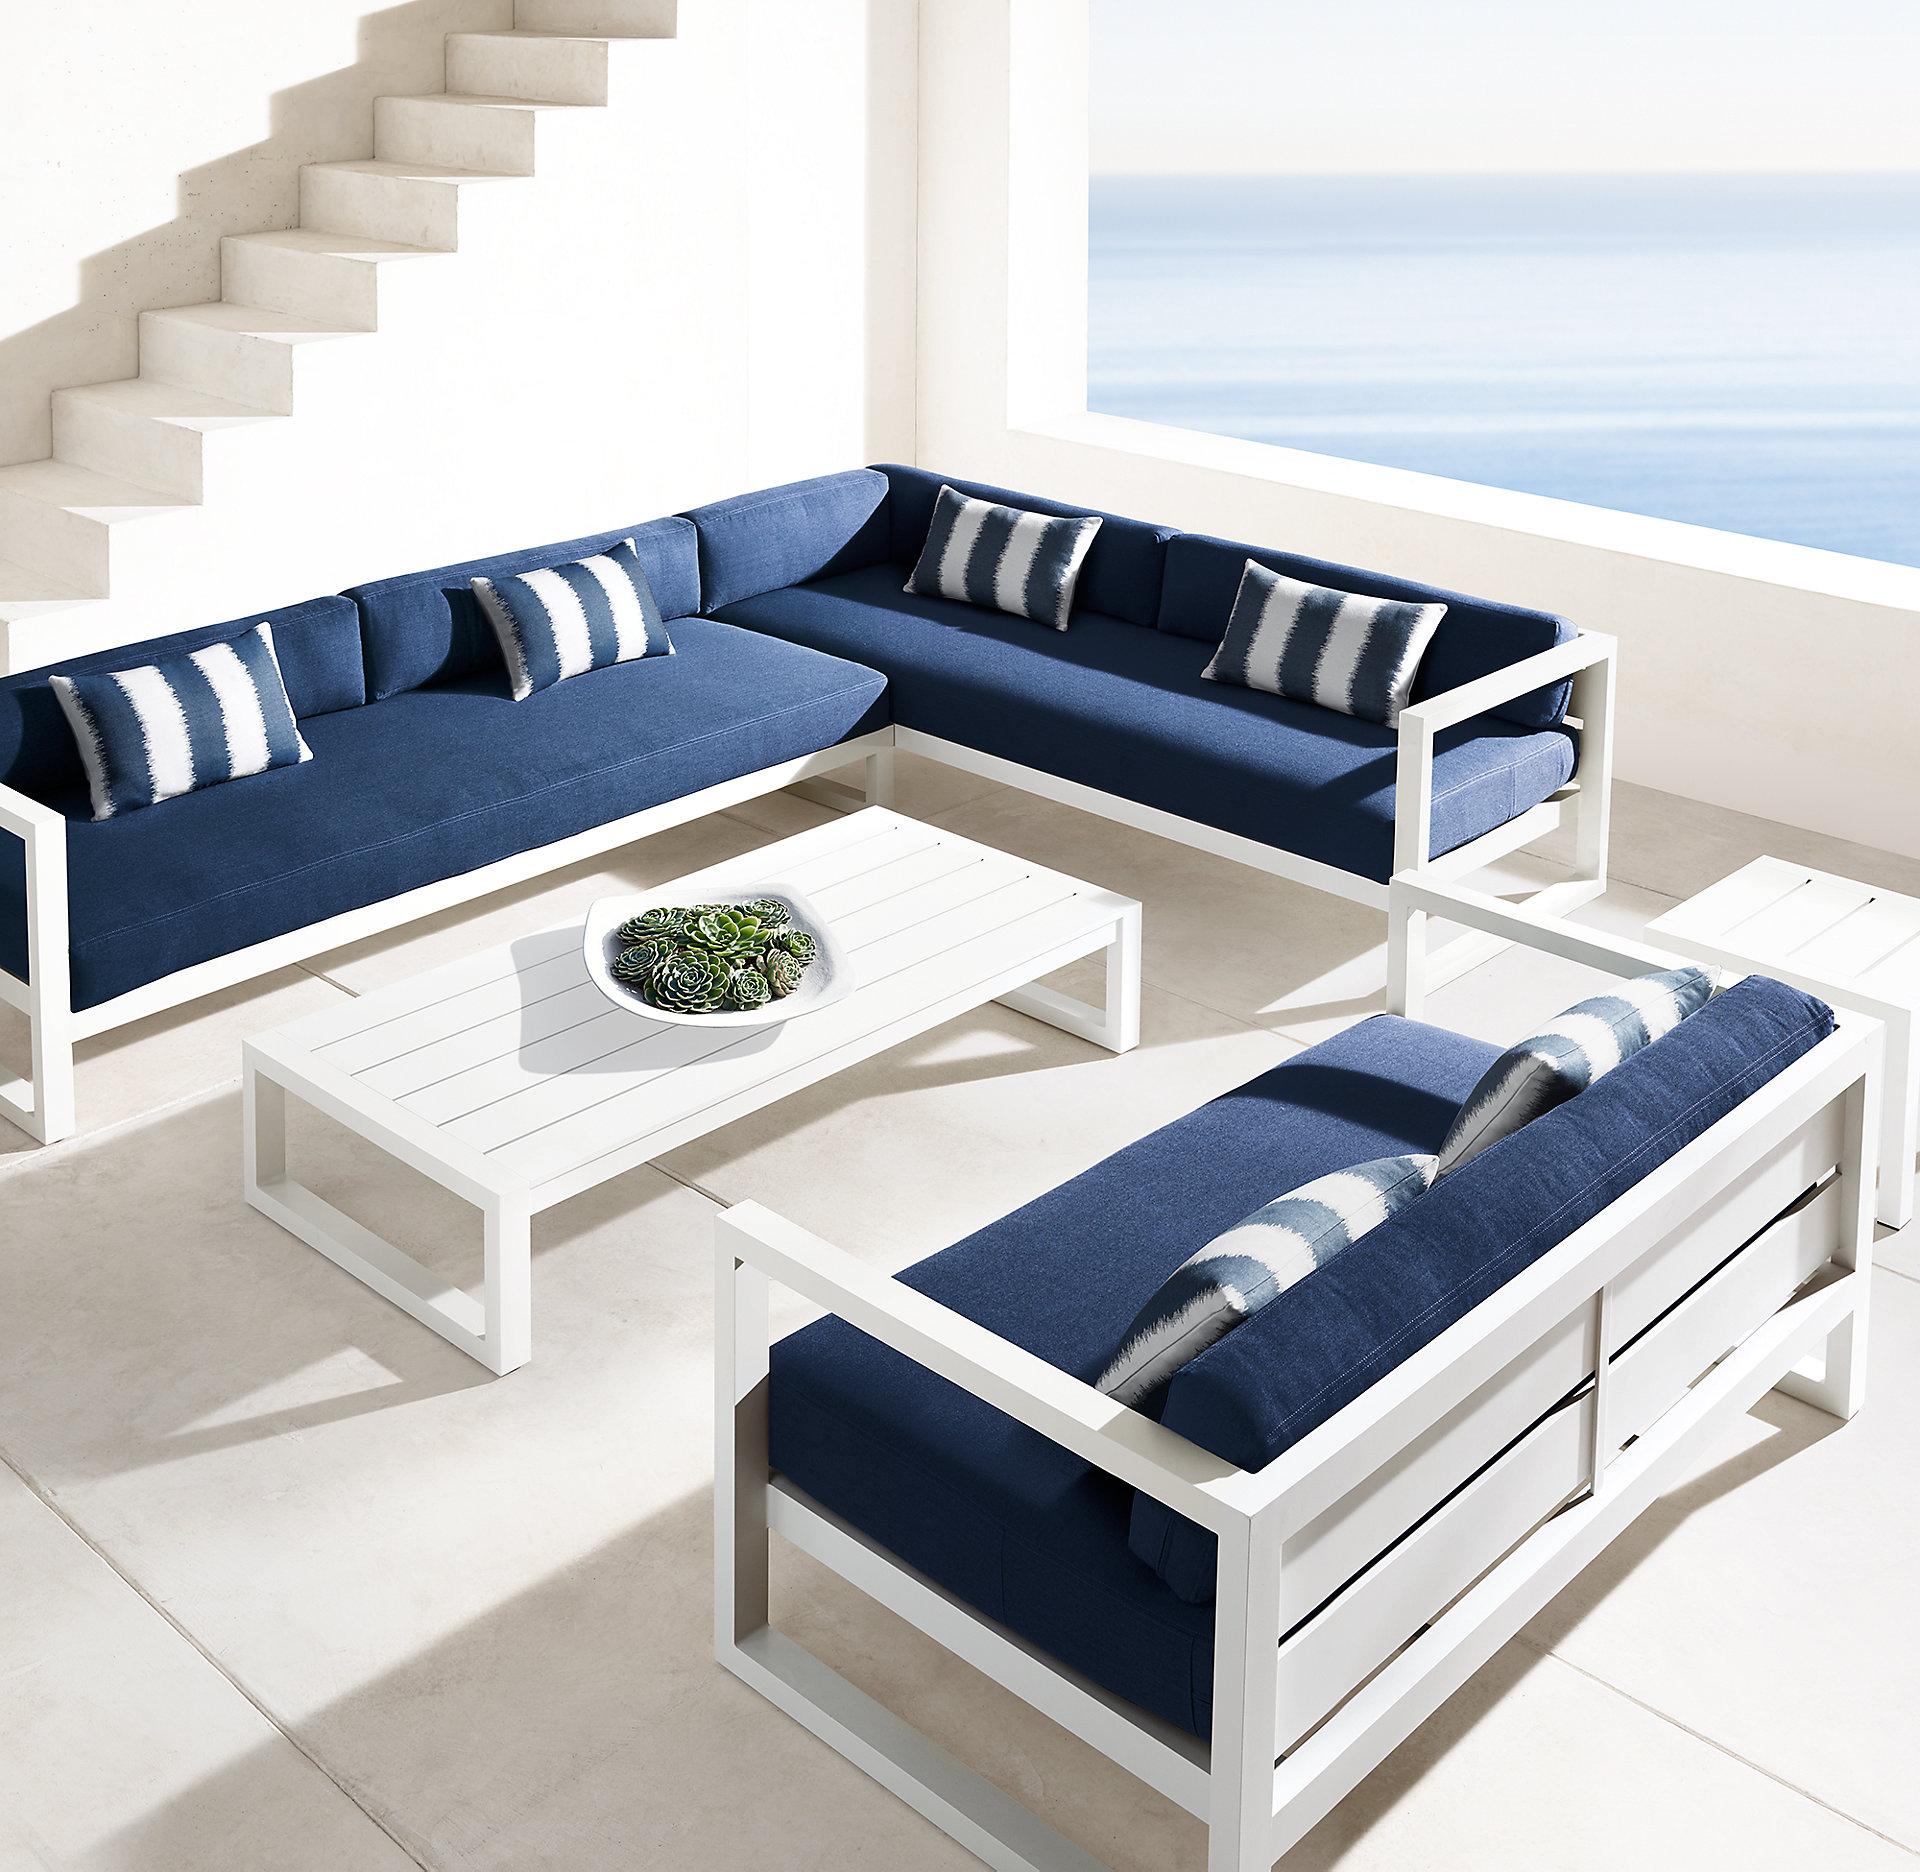 源特北欧铁艺沙发椅可拆洗三人工业风工作办公室棉麻沙发茶几组合